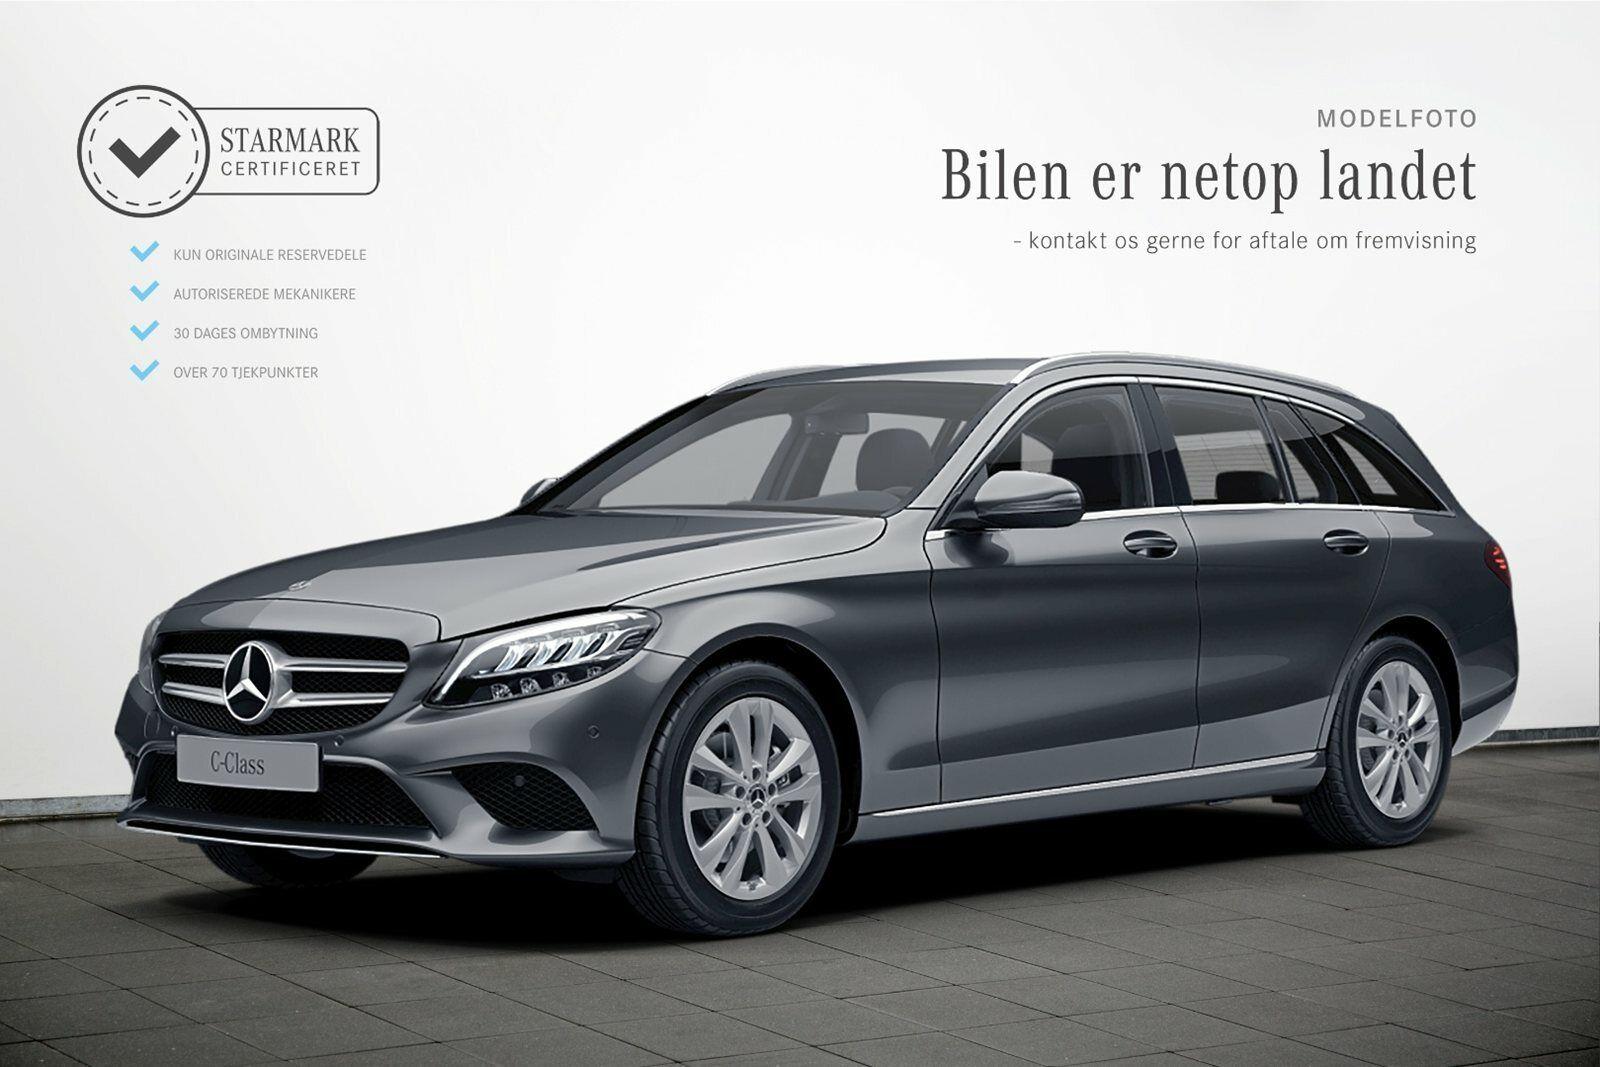 Mercedes C200 1,5 Avantgarde stc. aut. 5d - 469.900 kr.